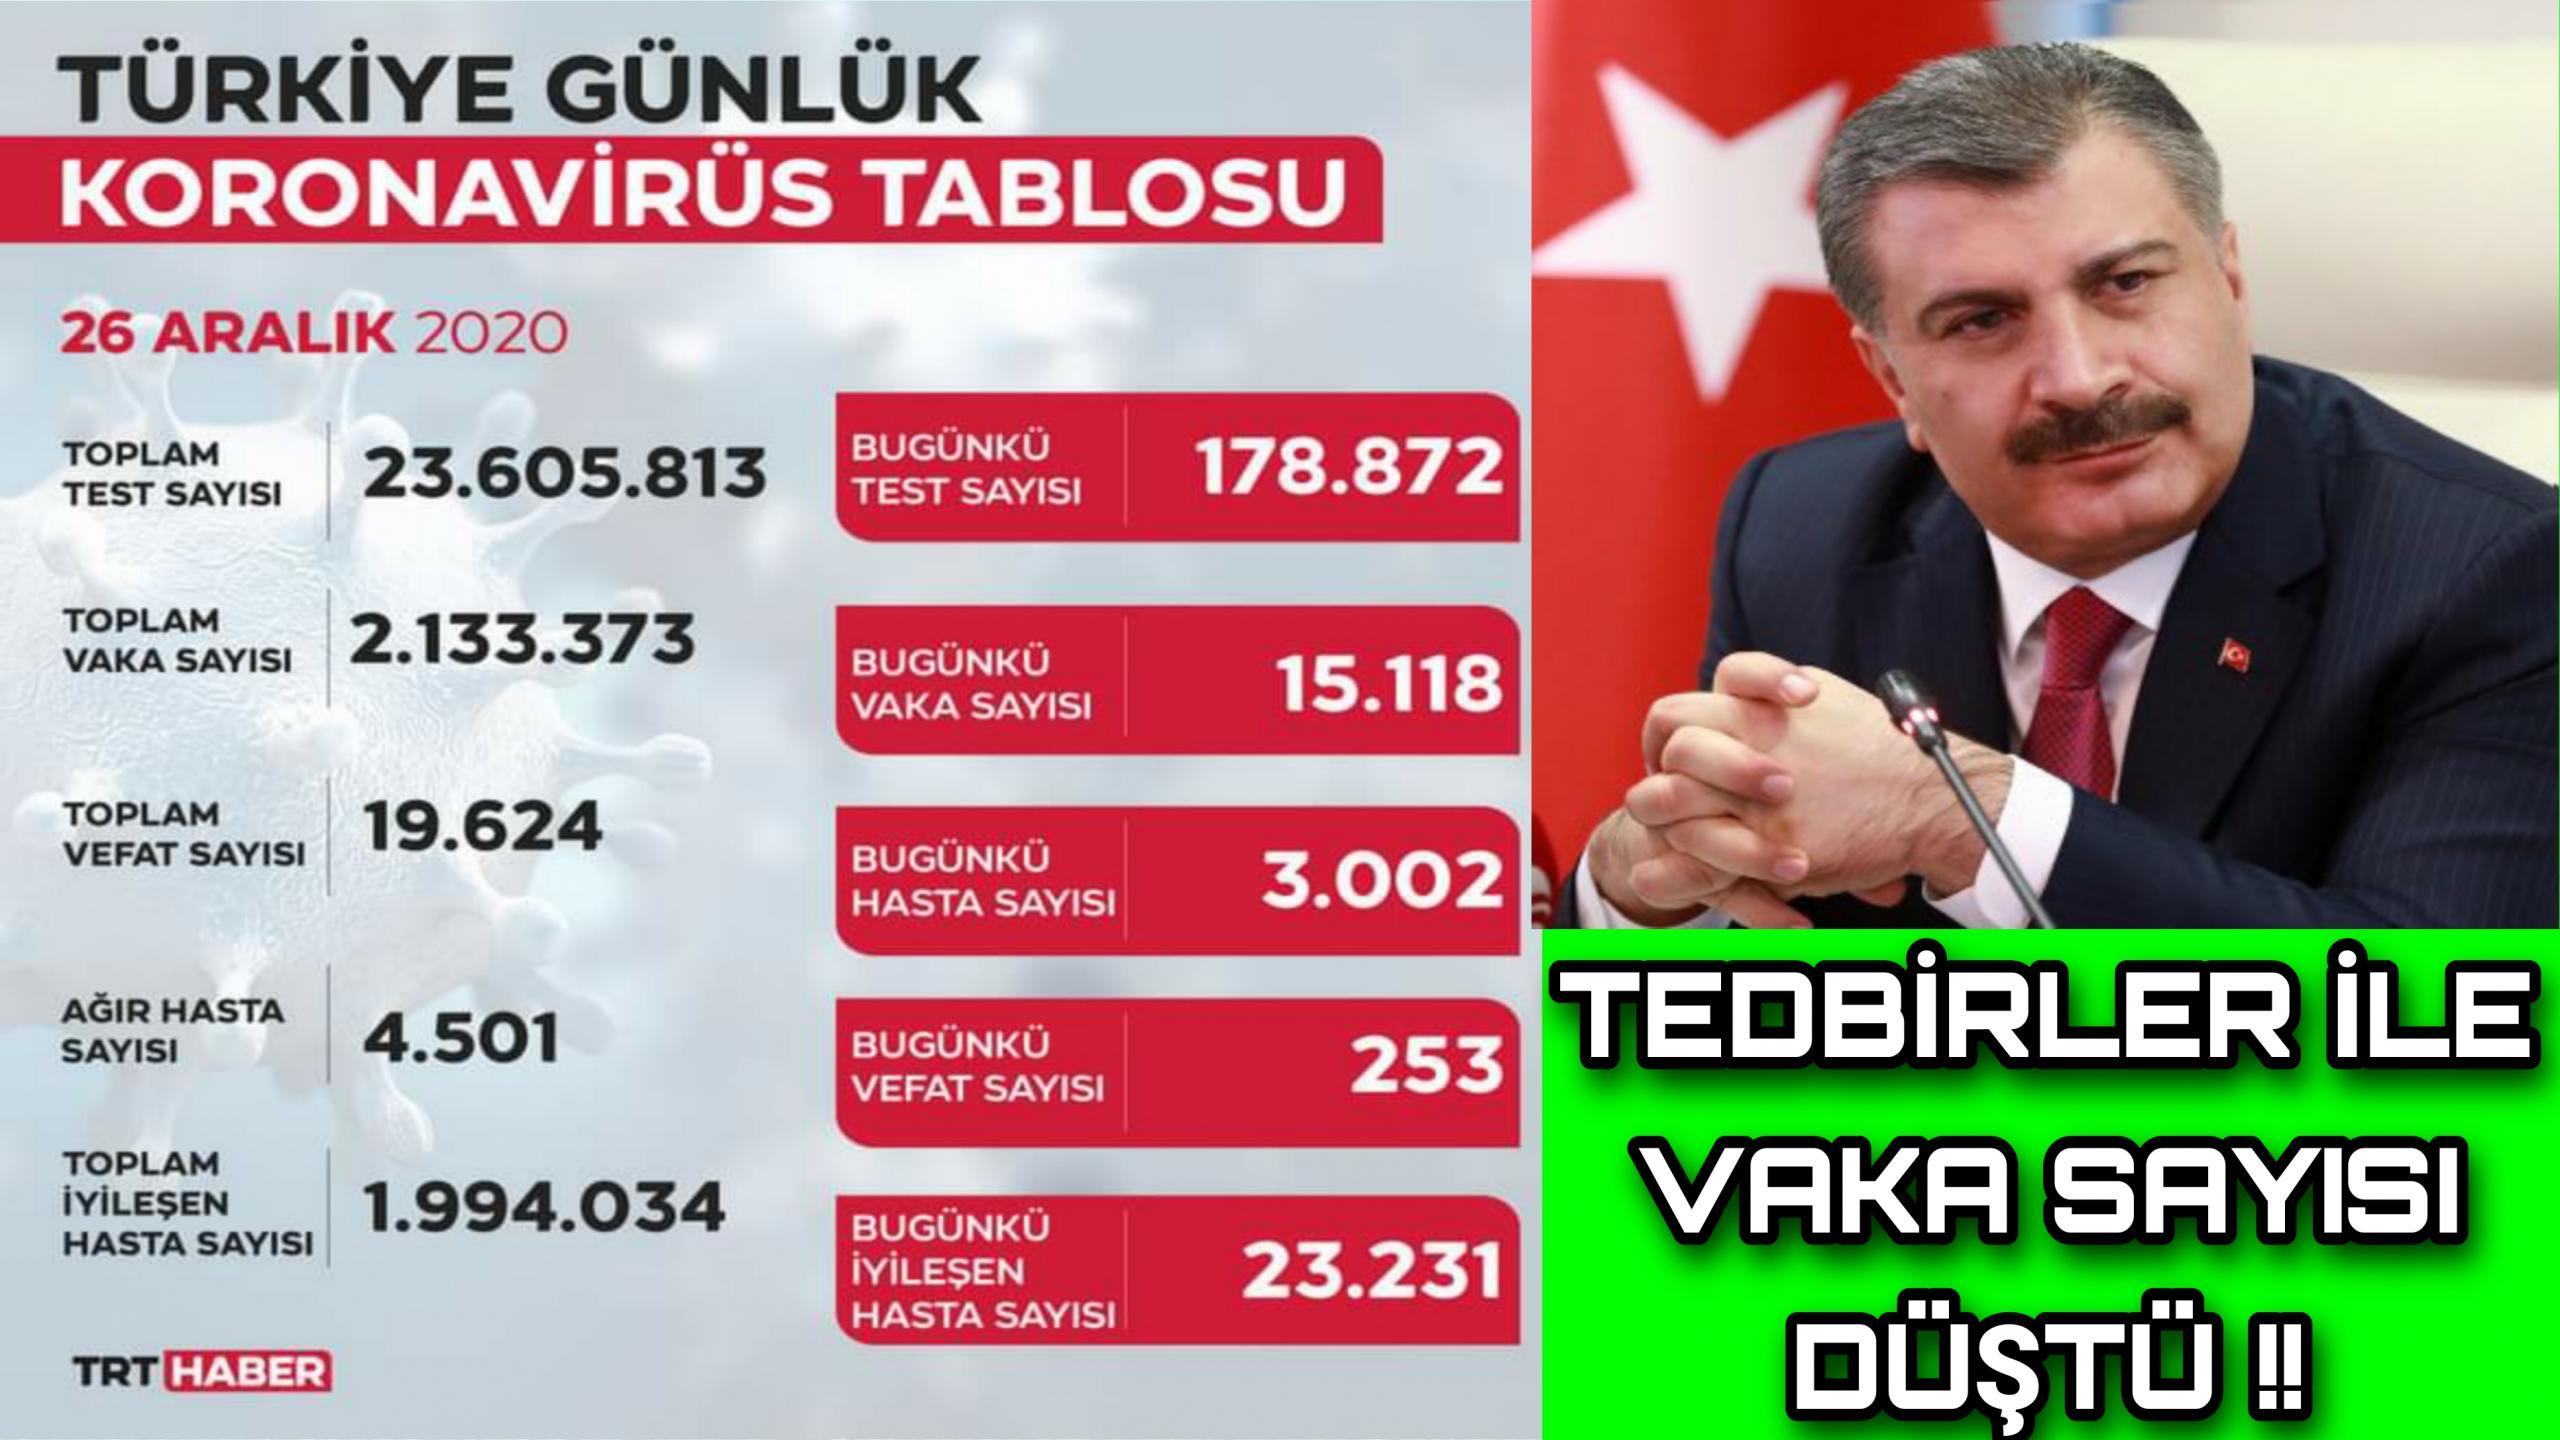 HAFTA SONU SOKAĞA ÇIKMA YASAĞI OLUMLU SONUÇ VERDİ !!